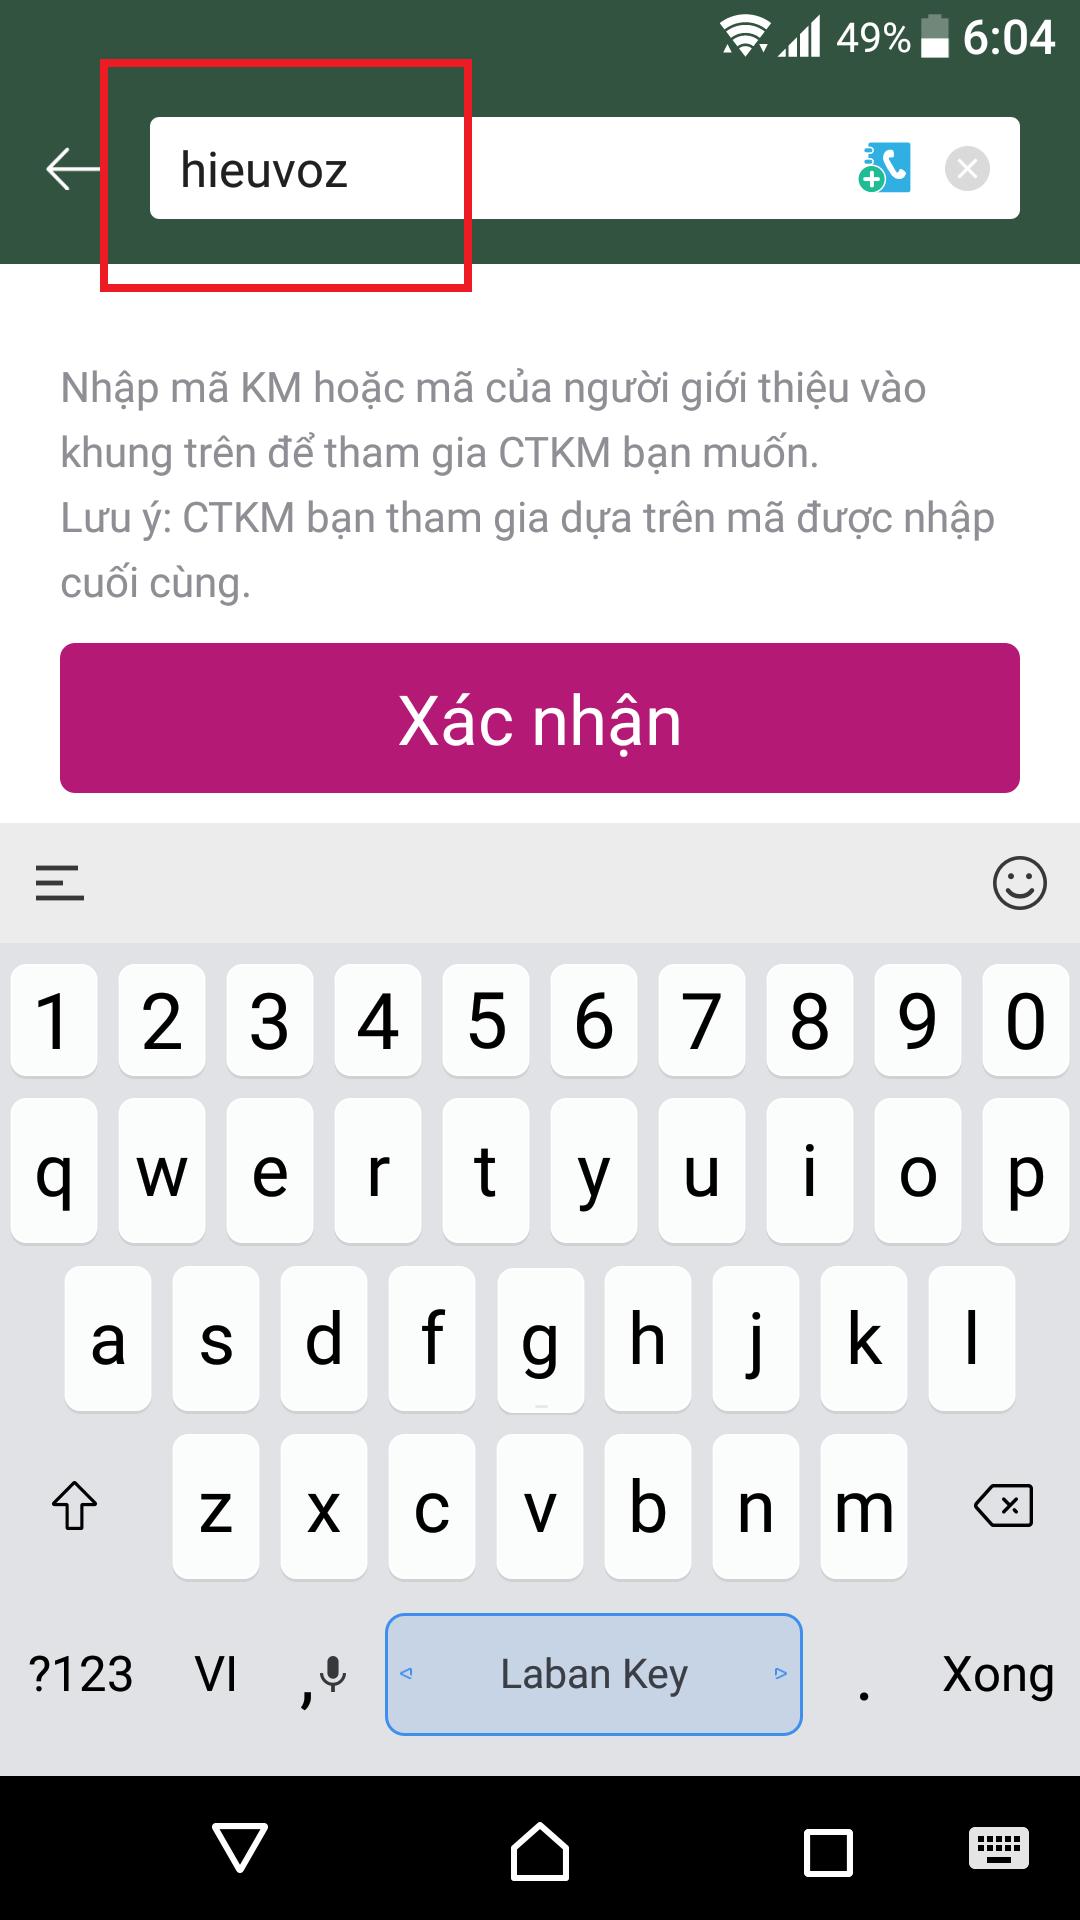 nhận mã khuyến mãi khi đăng ký Momo